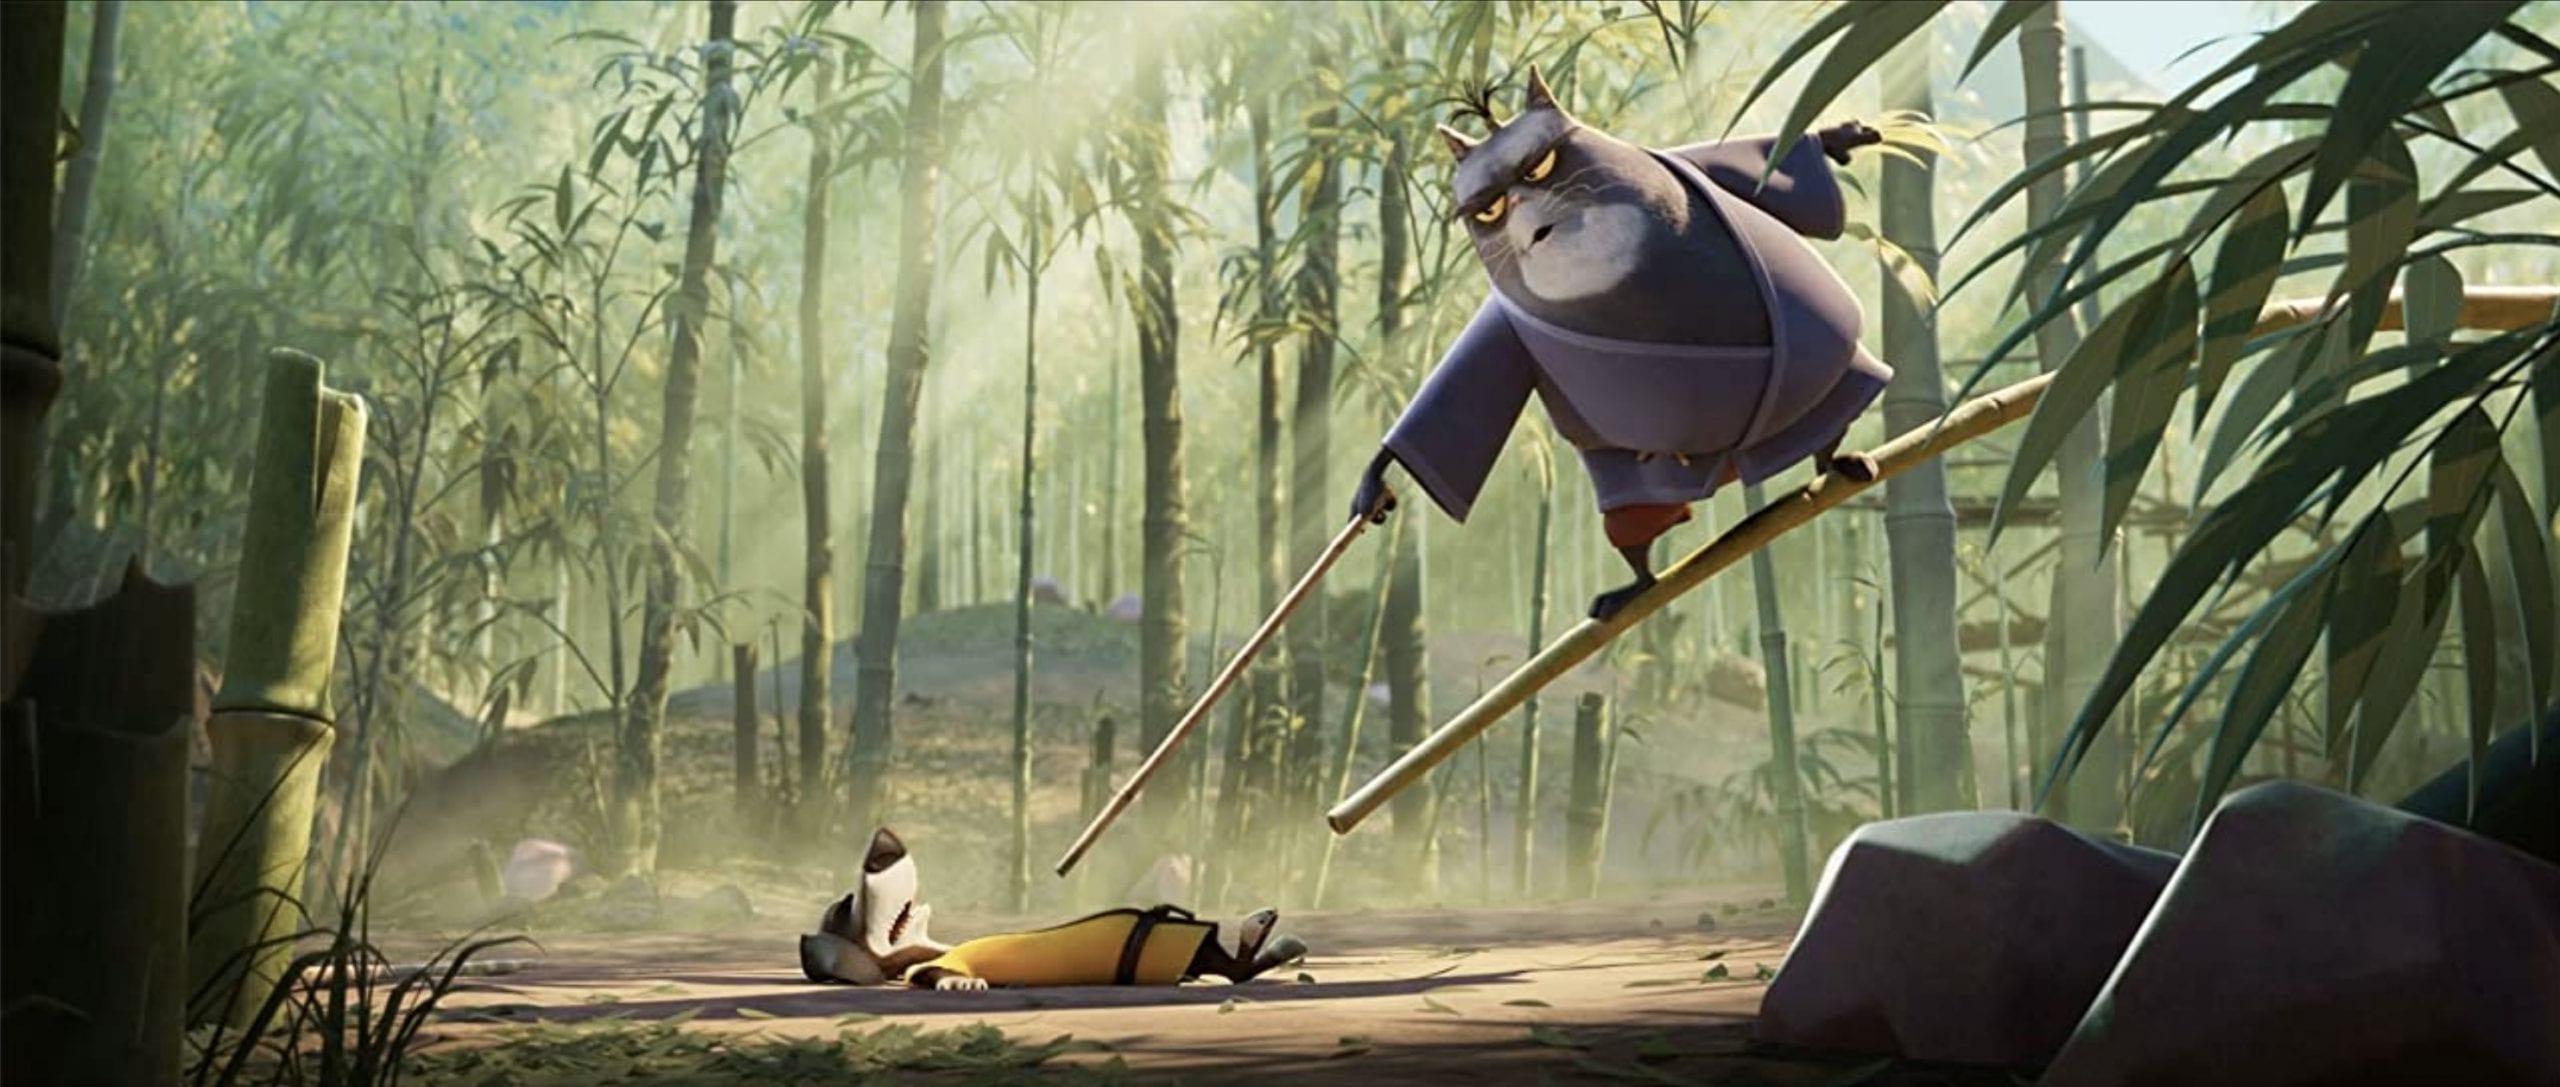 Blazing Samurai: il primo sguardo al remake animato di Blazing Saddles